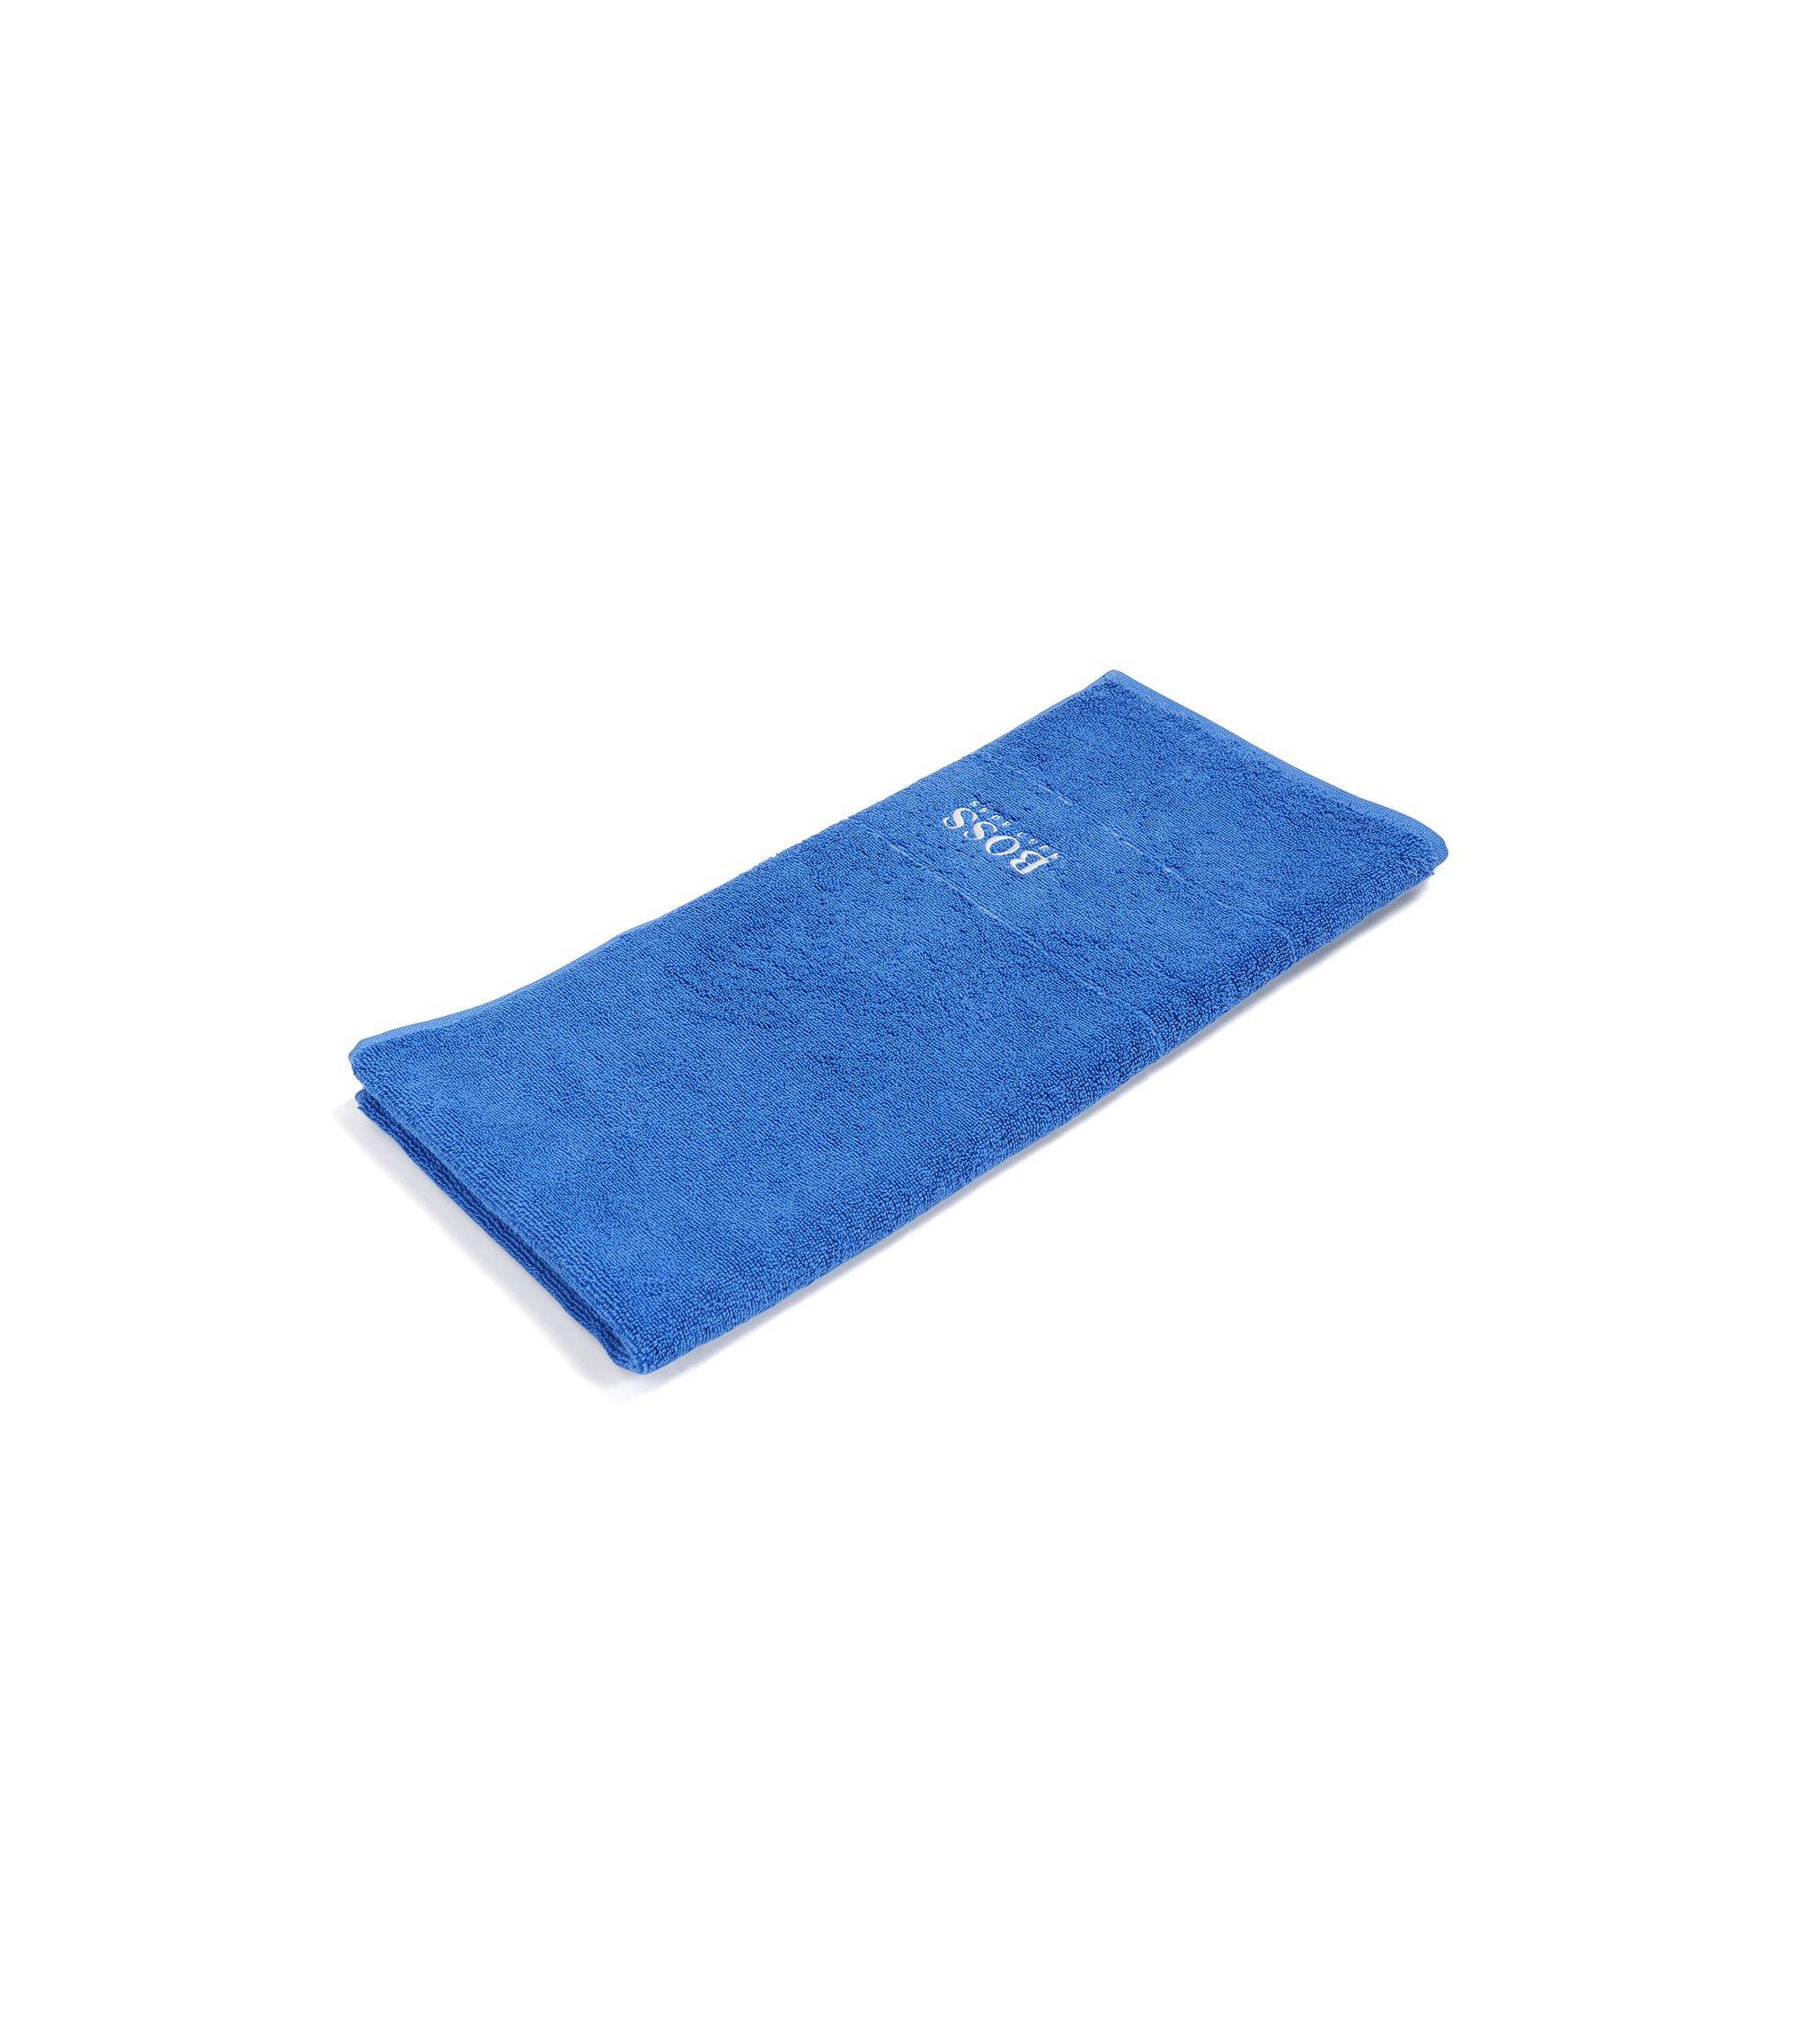 Handtuch aus feinster ägyptischer Baumwolle mit Logo-Bordüre, Assorted-Pre-Pack